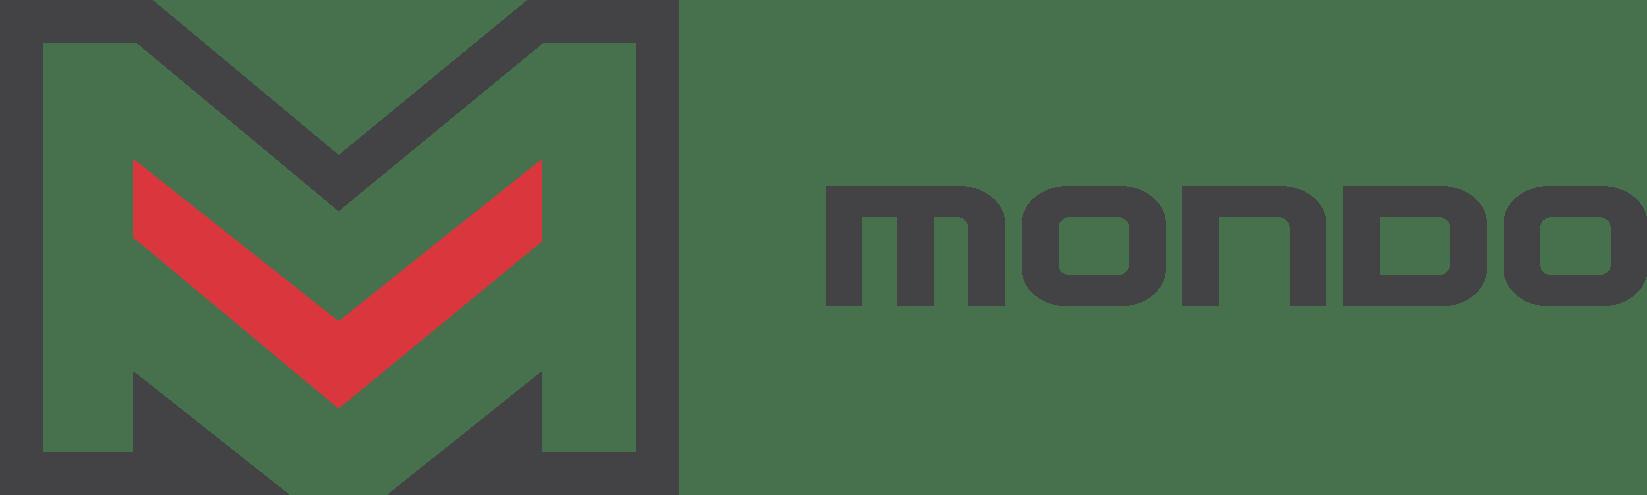 מונדו עיצוב לוגו, מיתוג ובניית אתרים